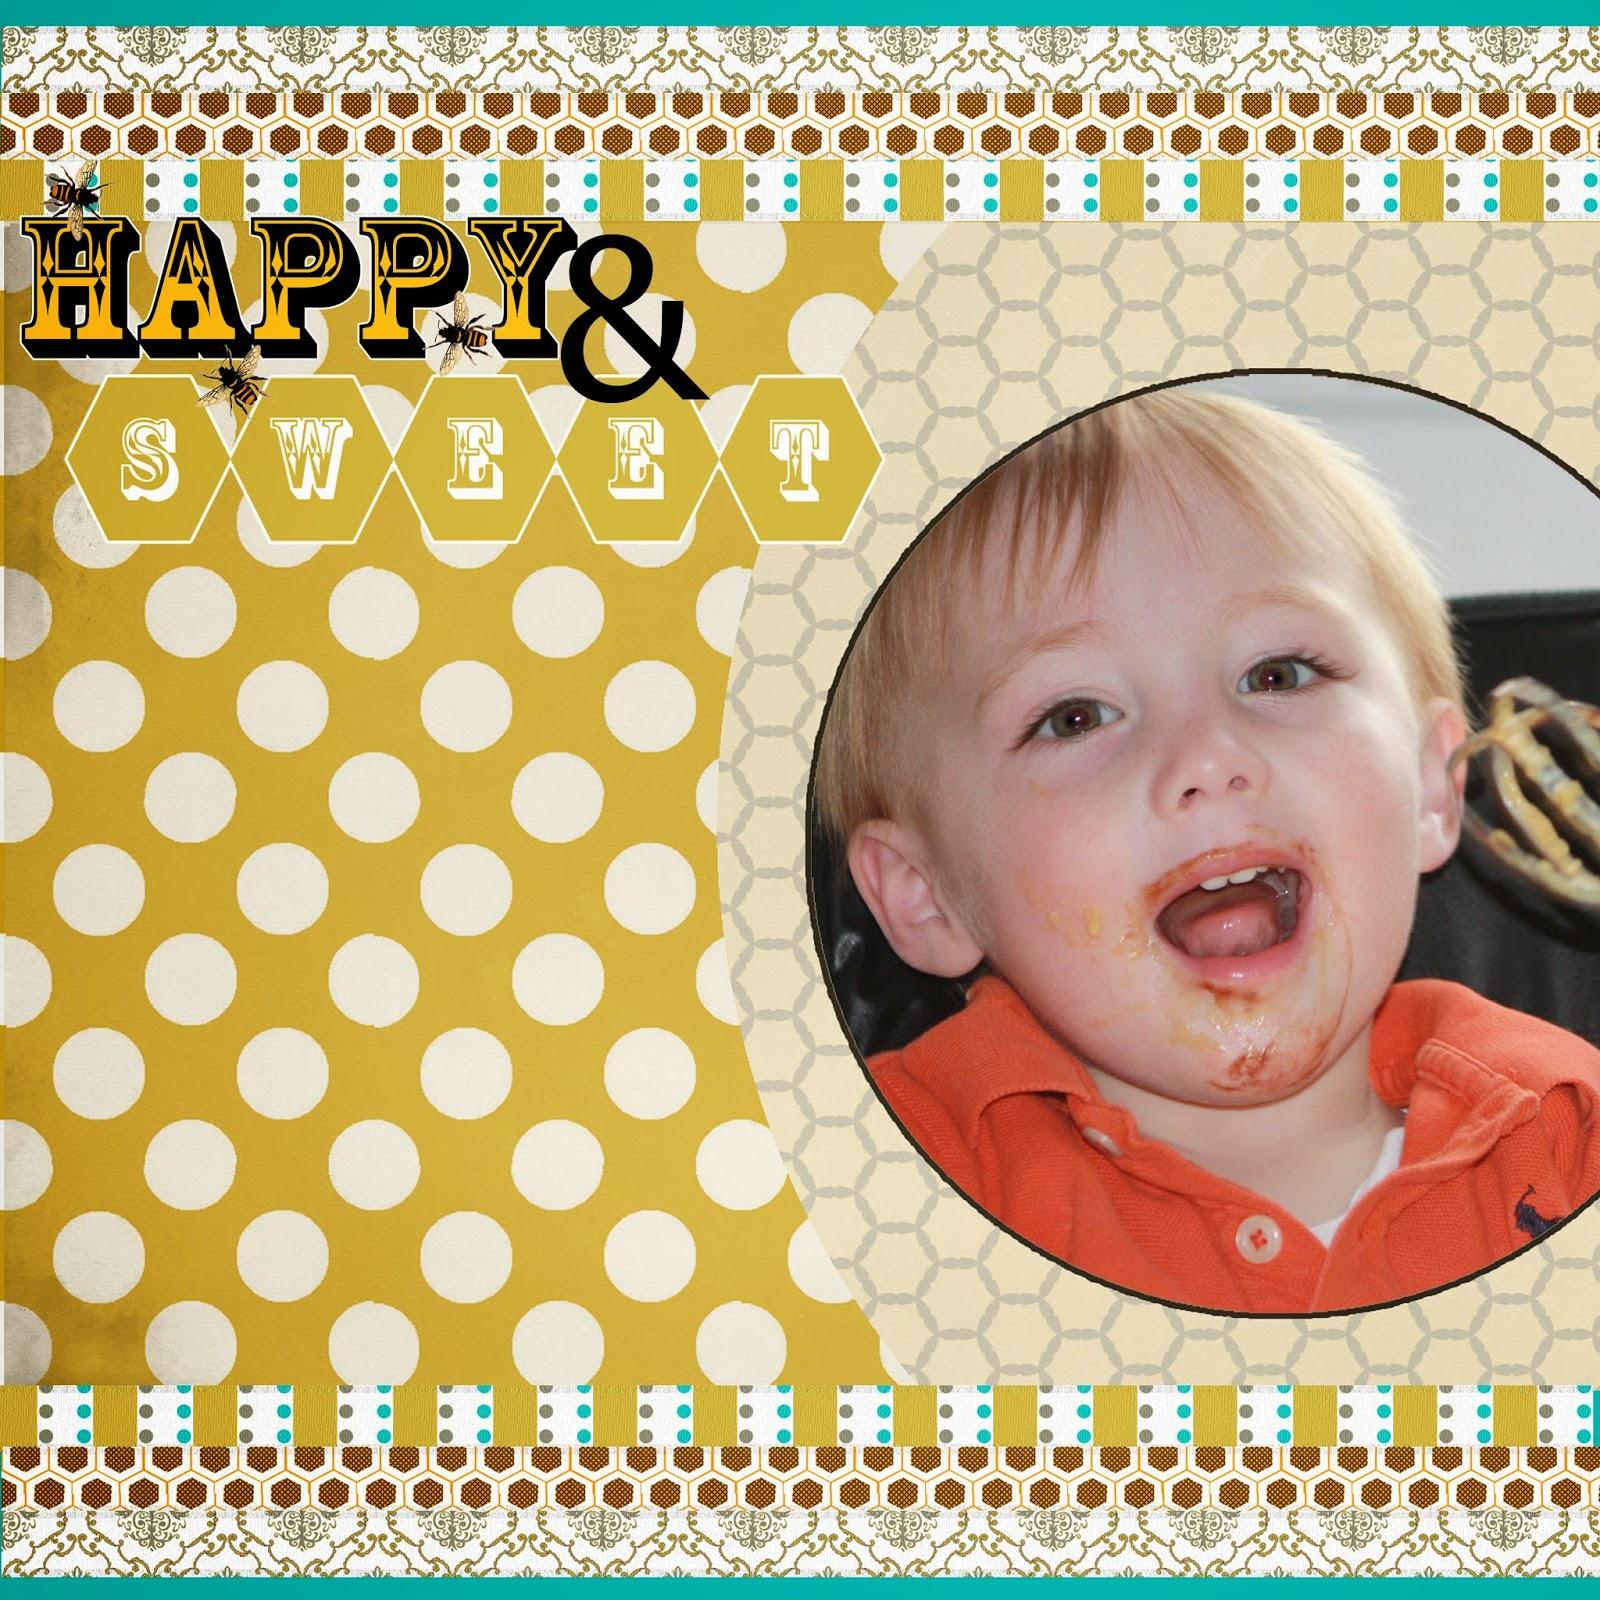 http://2.bp.blogspot.com/-76xtqQjzDZ4/U1SSuqemIPI/AAAAAAAACcQ/L380_t4HSHQ/s1600/Happy+and+Sweet.jpg